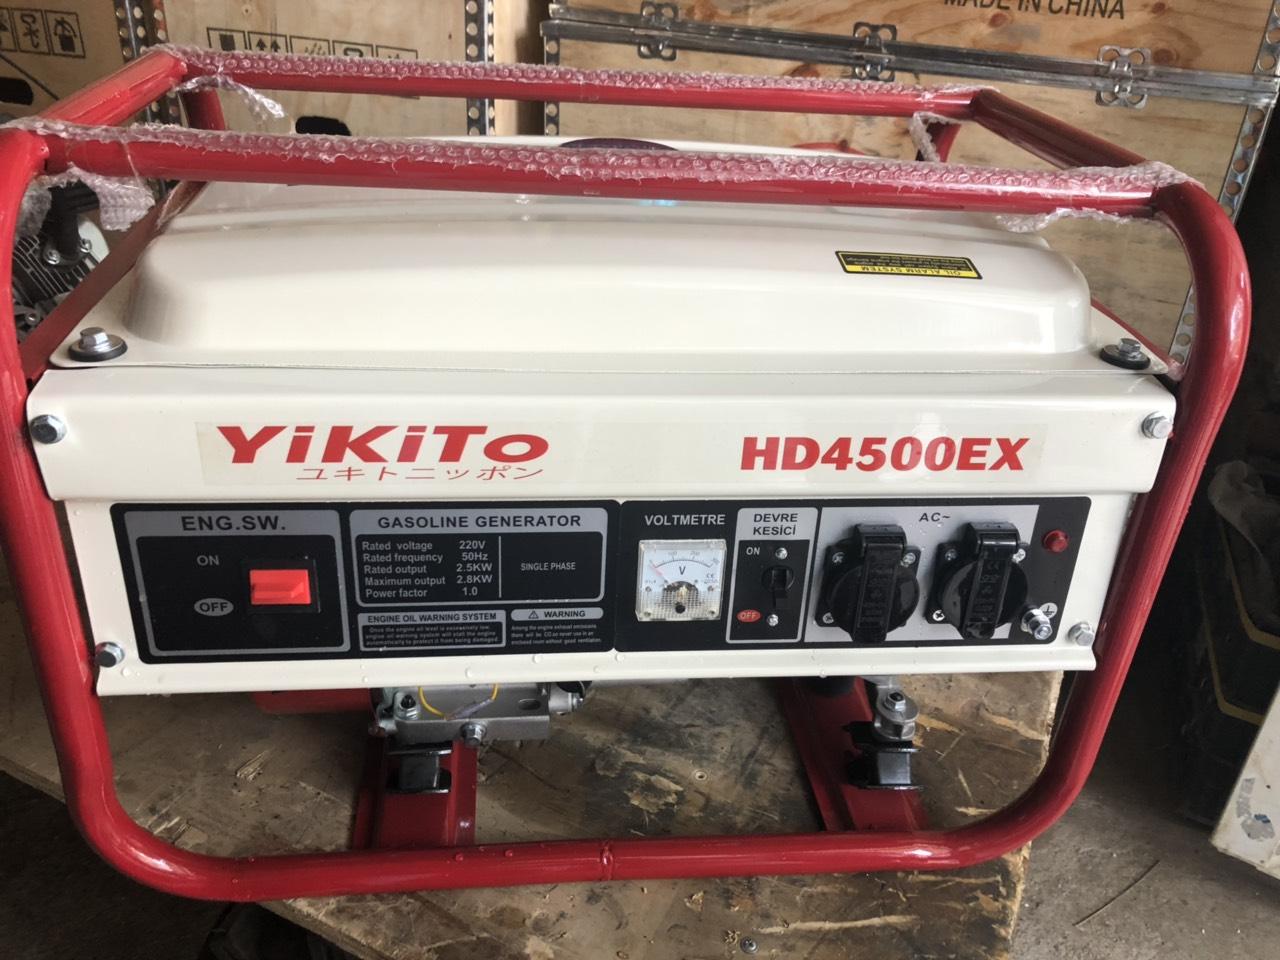 Máy phát điện Yikito HD4500EX Giật Nổ